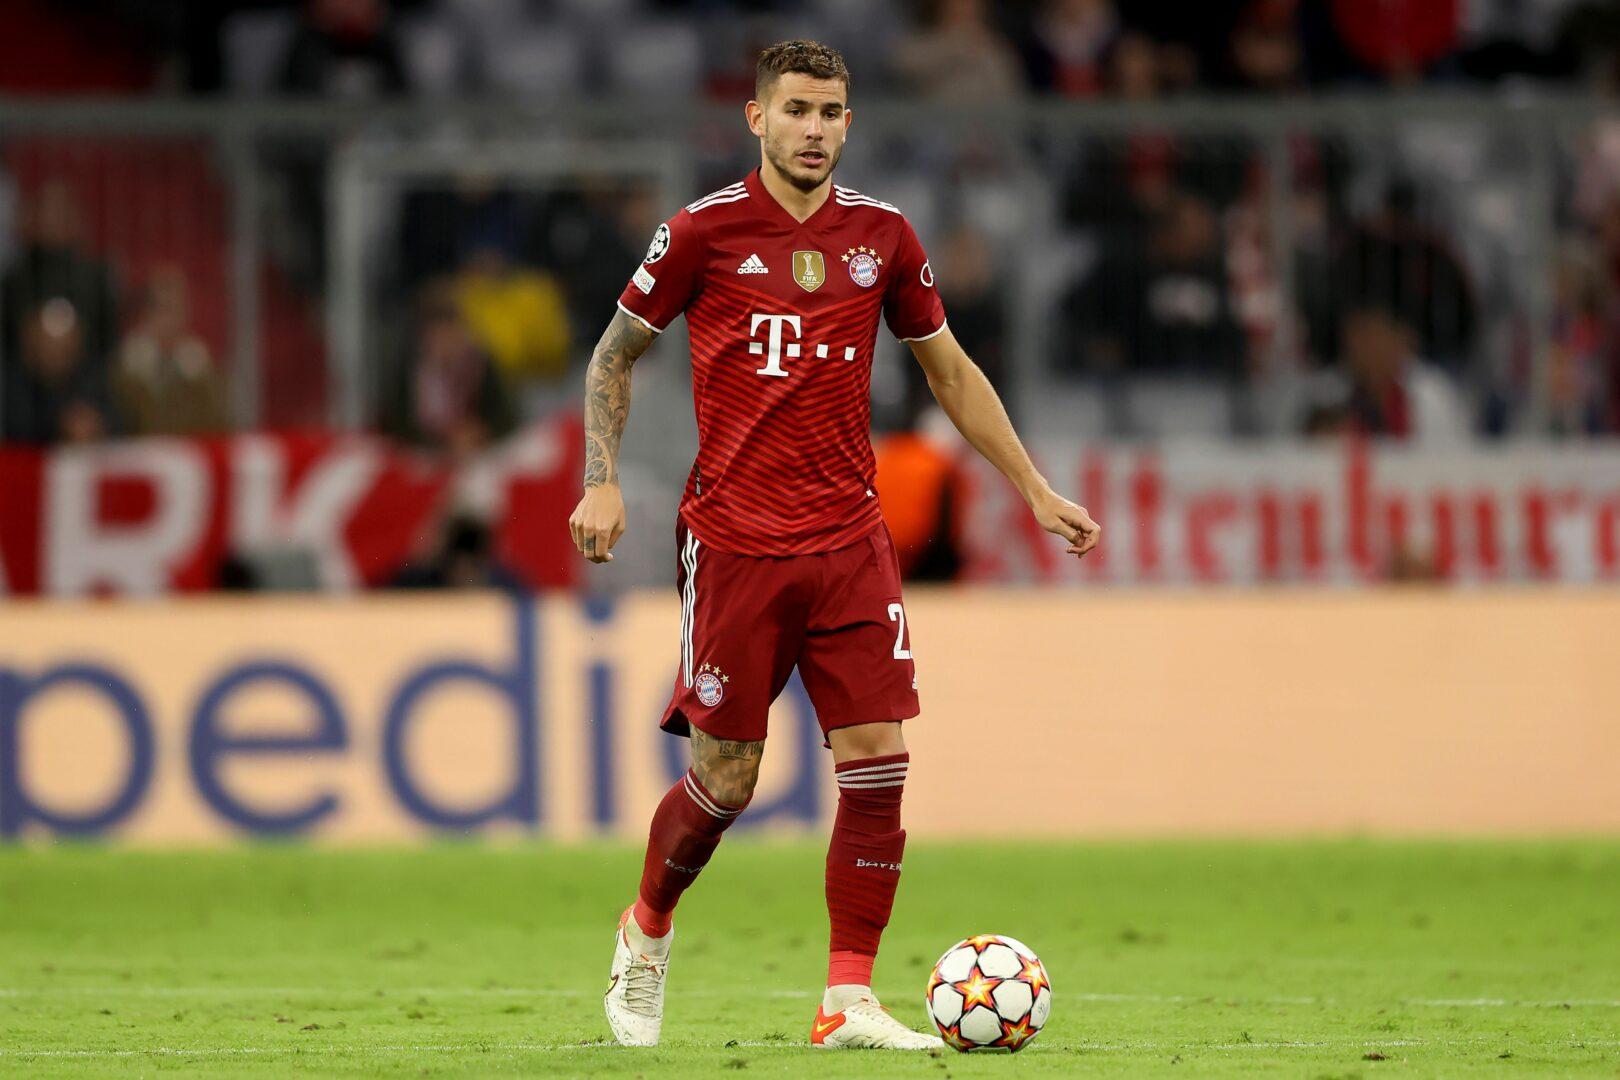 Bayern-Verteidiger Lucas Hernandez hier im Einsatz gegen Dynamo Kiew